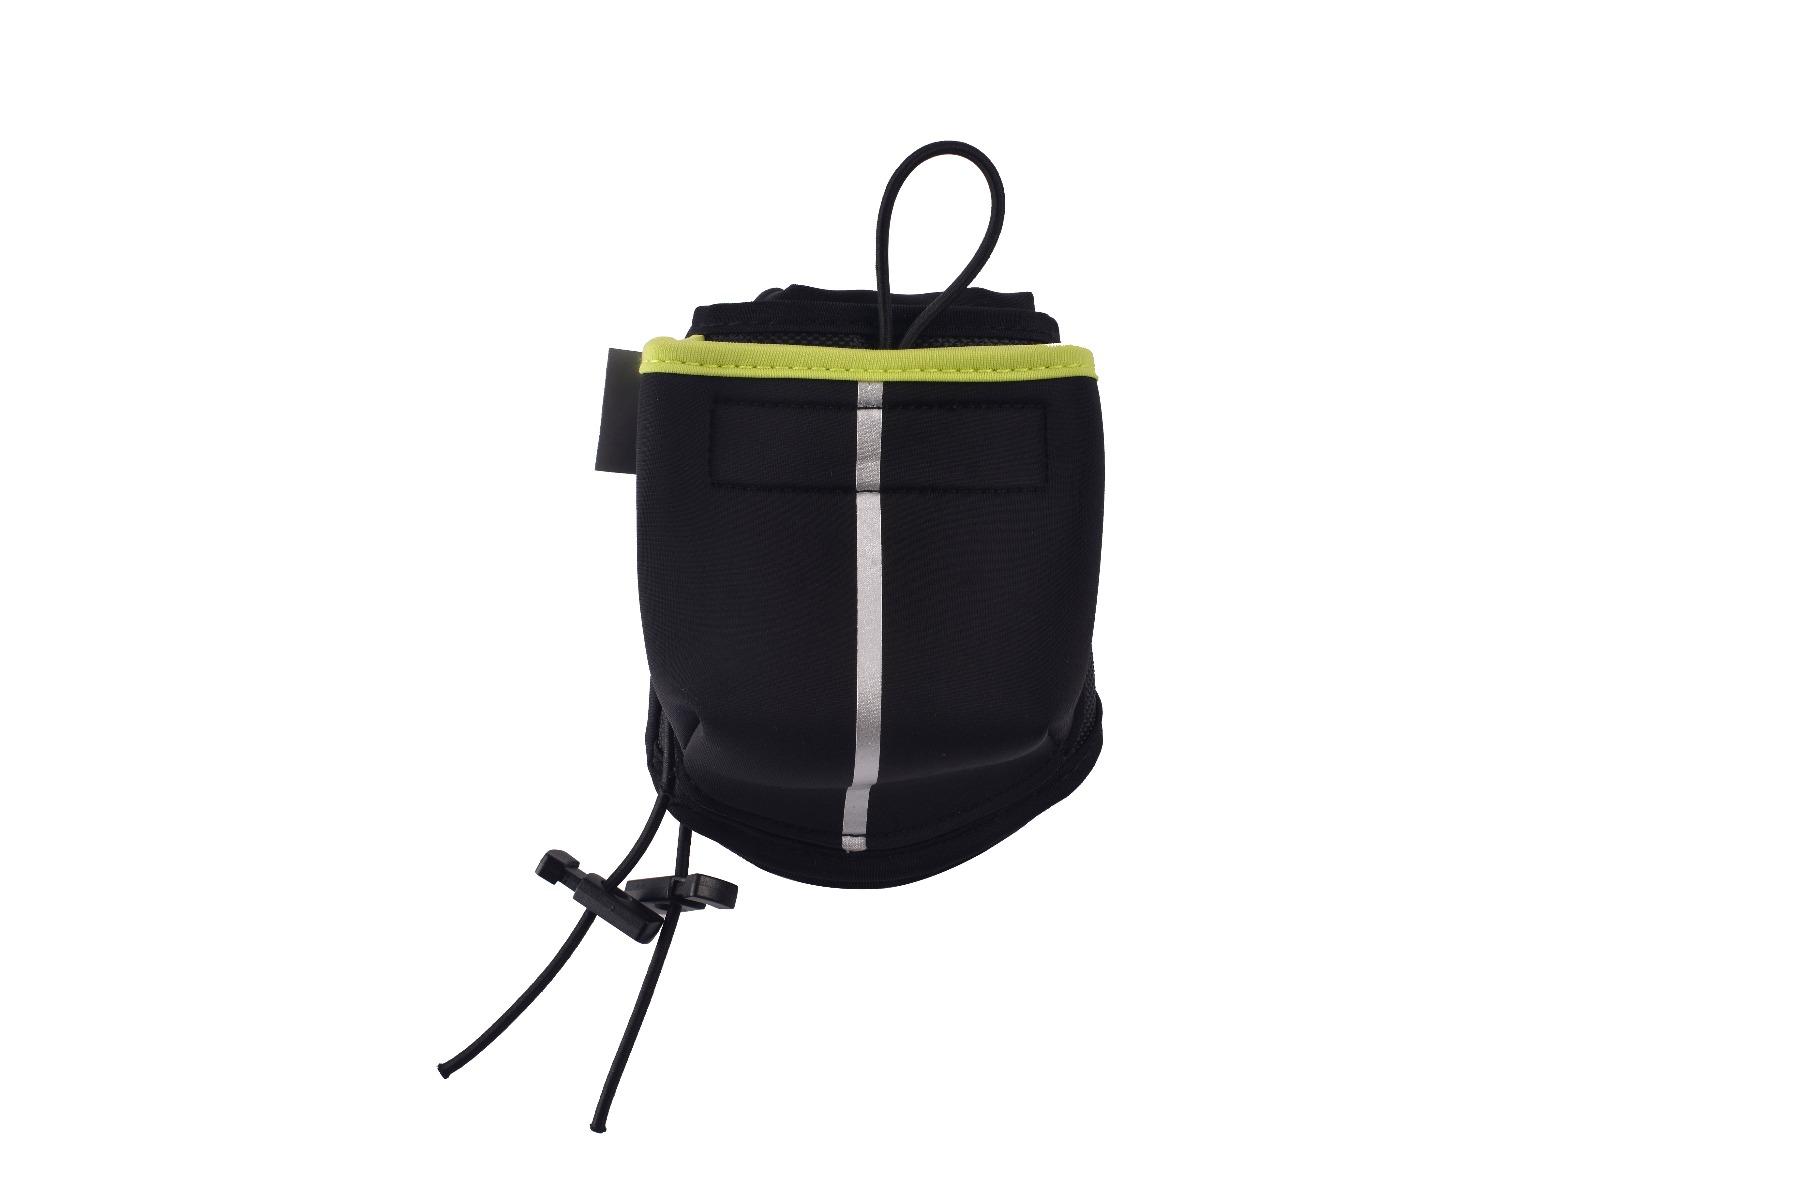 waist bag pouch